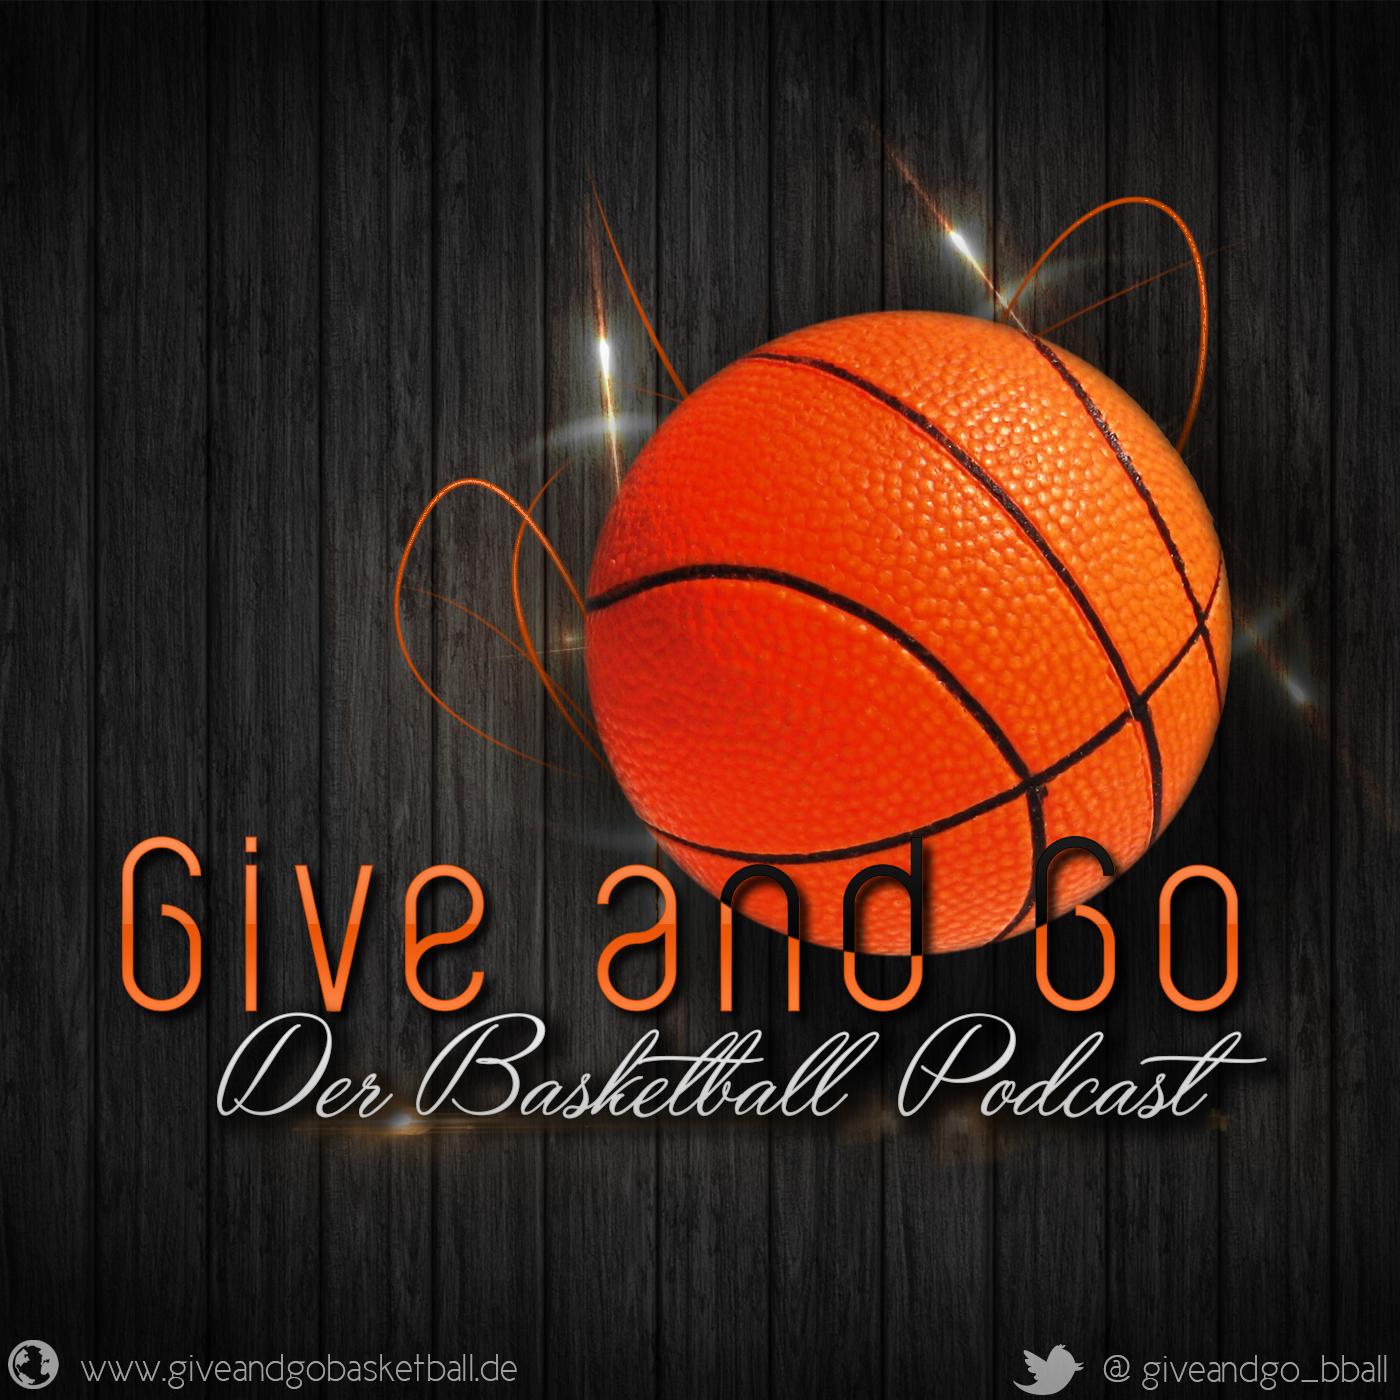 GiveandGo Basketball Podcast